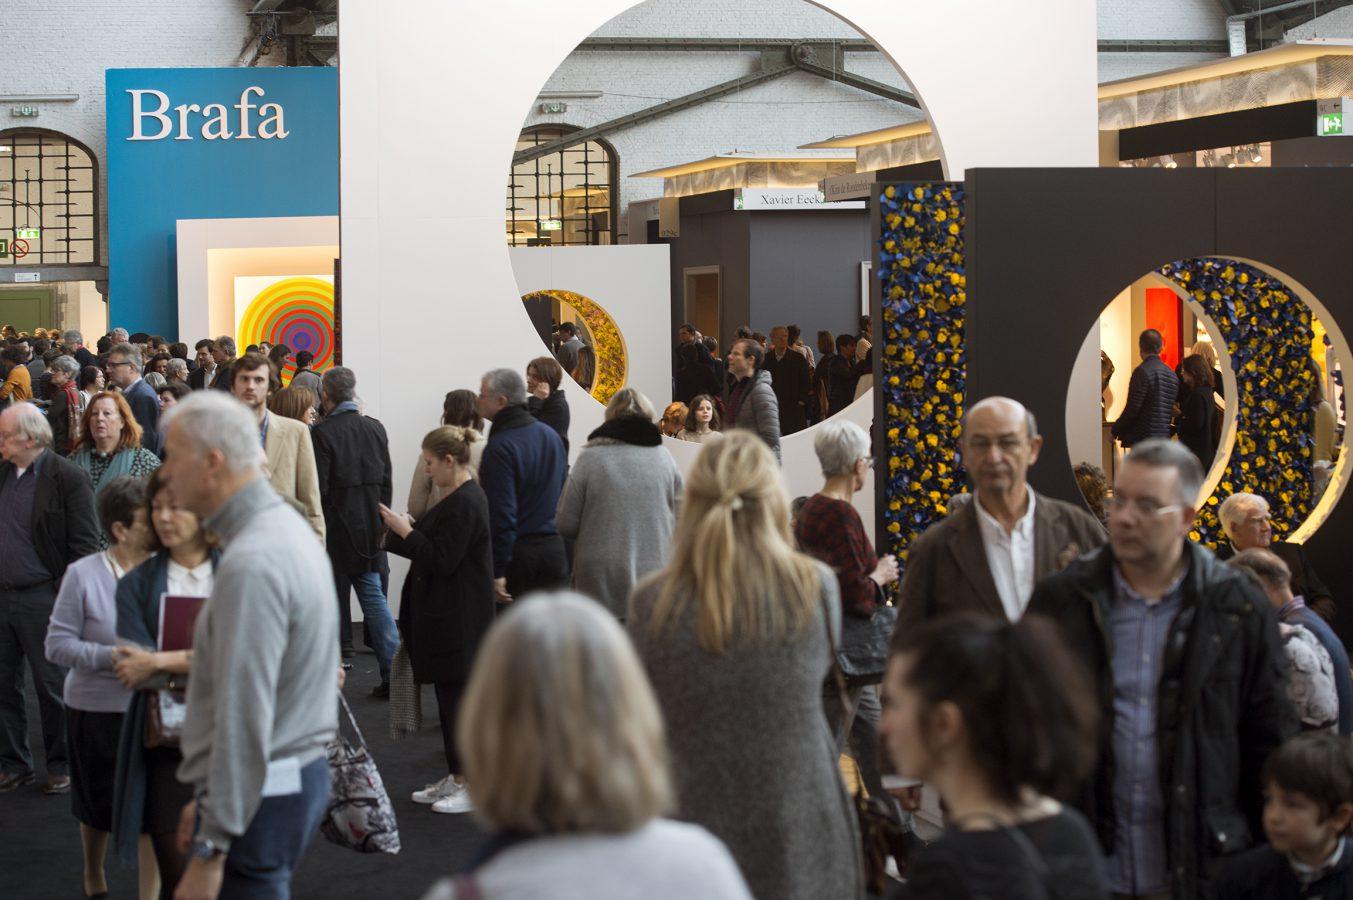 La Brafa au meilleur de sa forme : 61.250 visiteurs accueillis pour son édition 2017 !